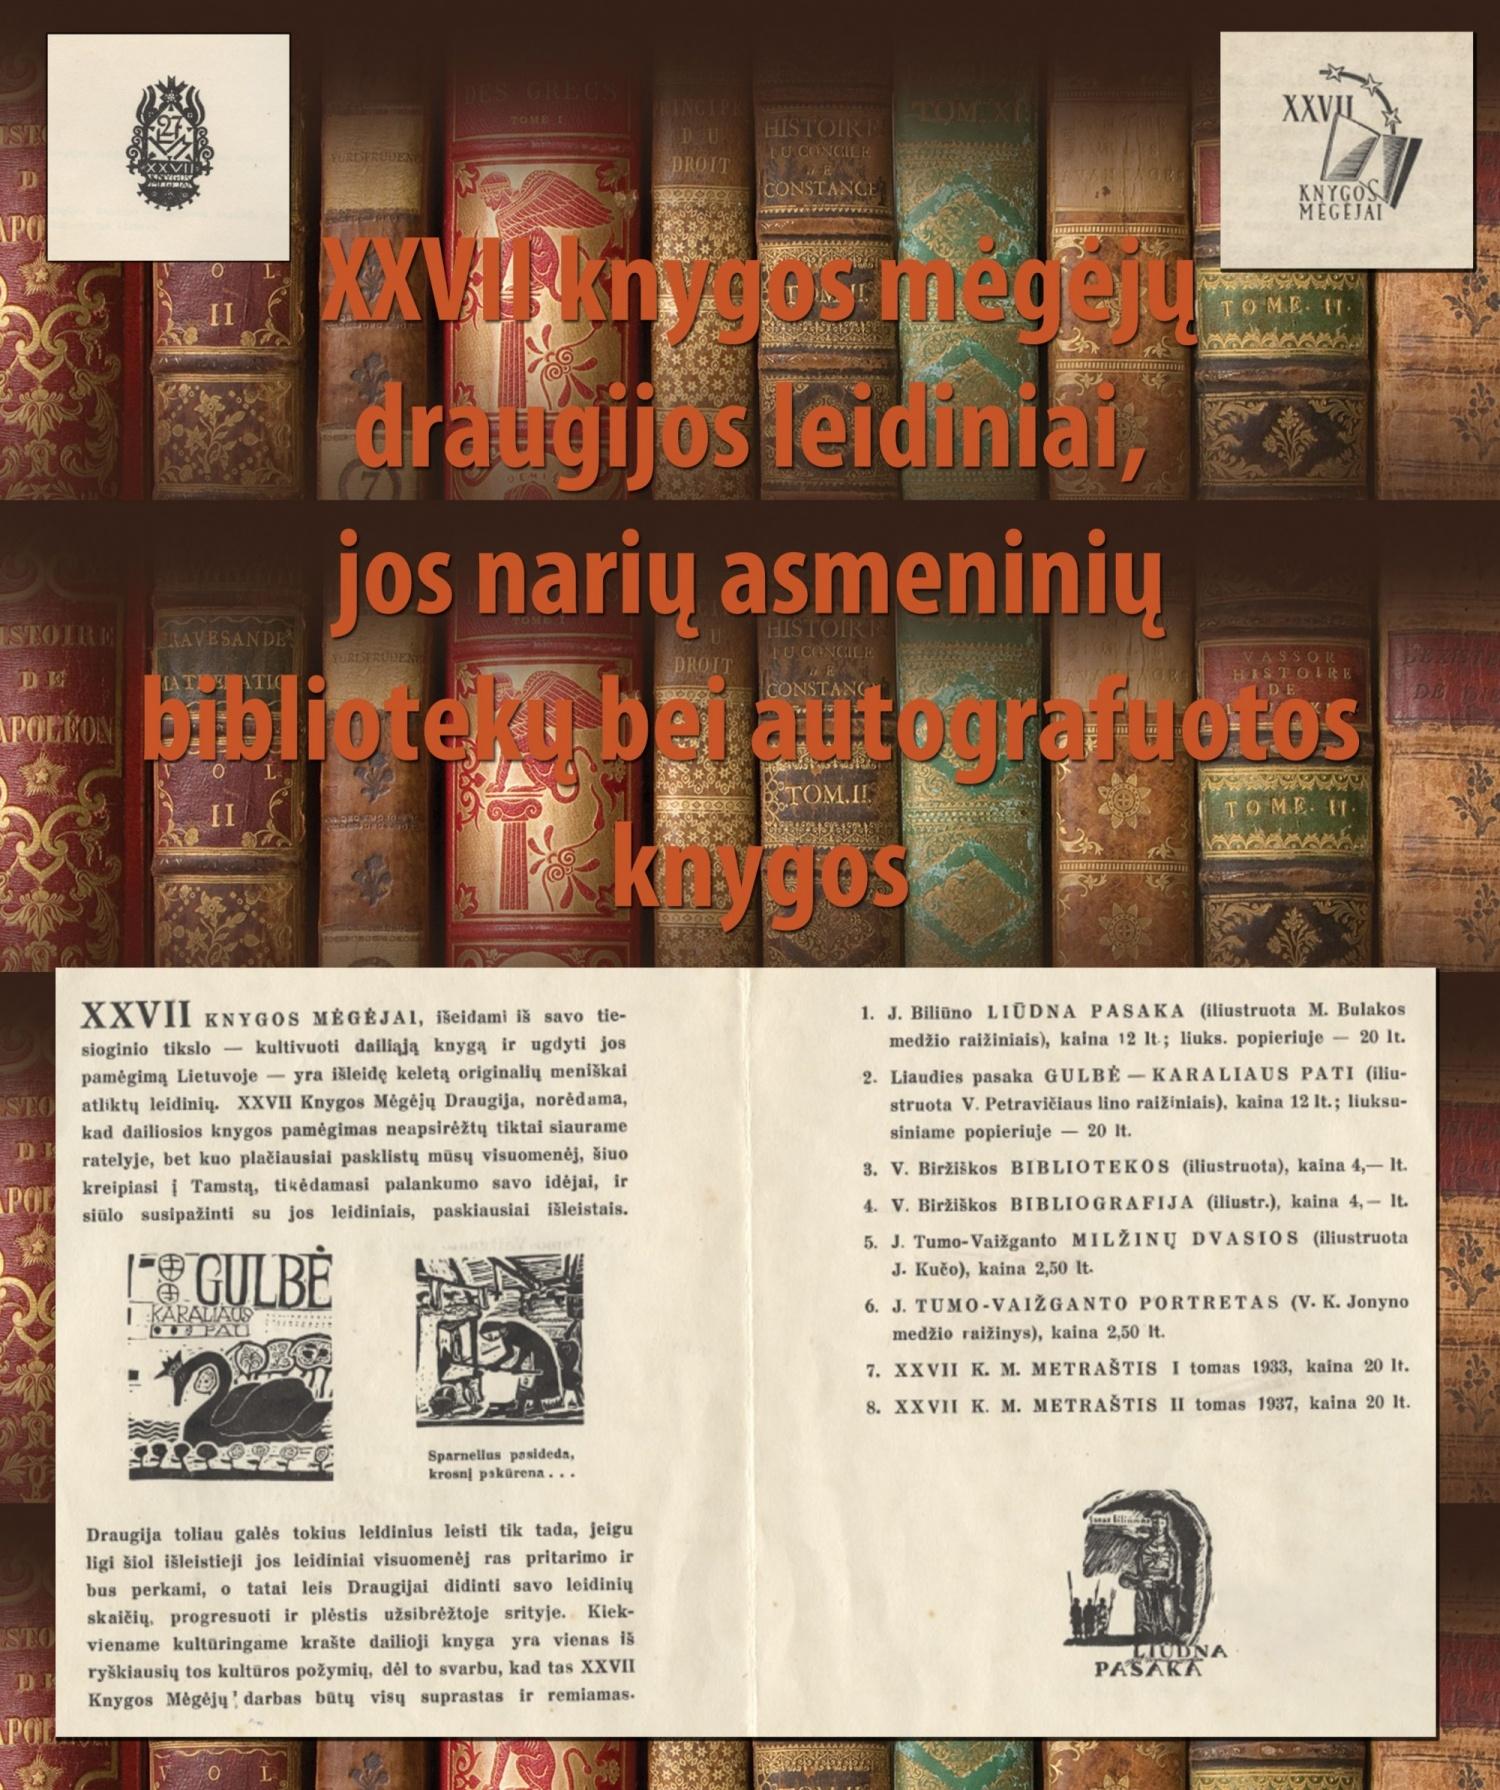 27_knygos_megeju_plakatas